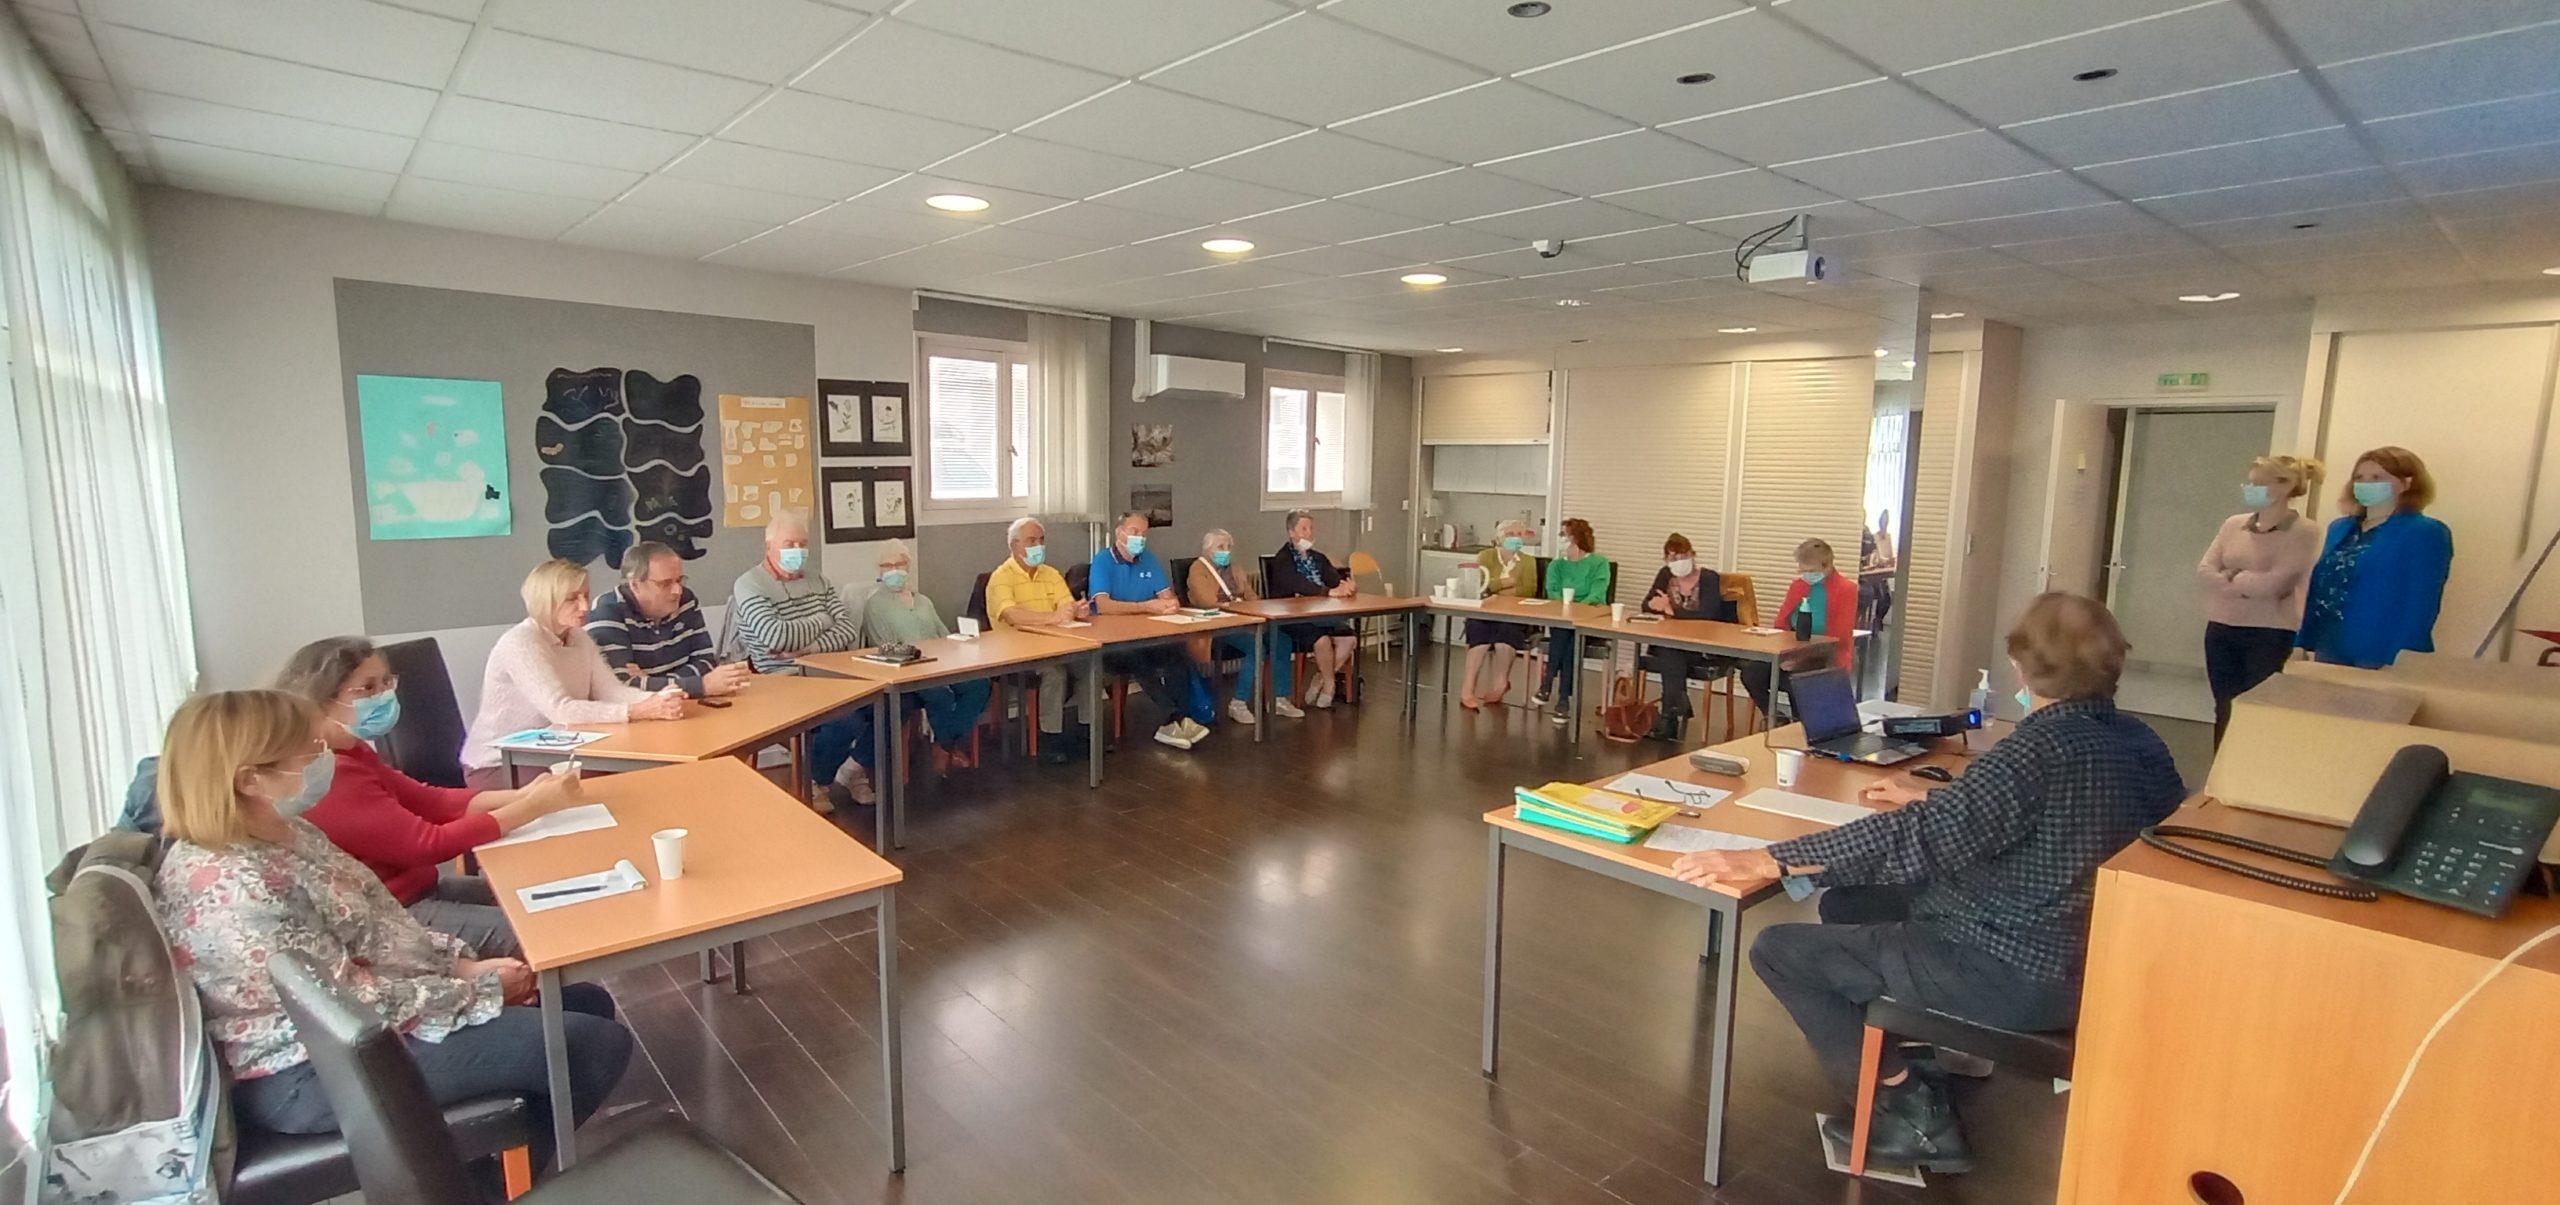 1ere session de formation des aidants sur les maladies neurodégénératives.